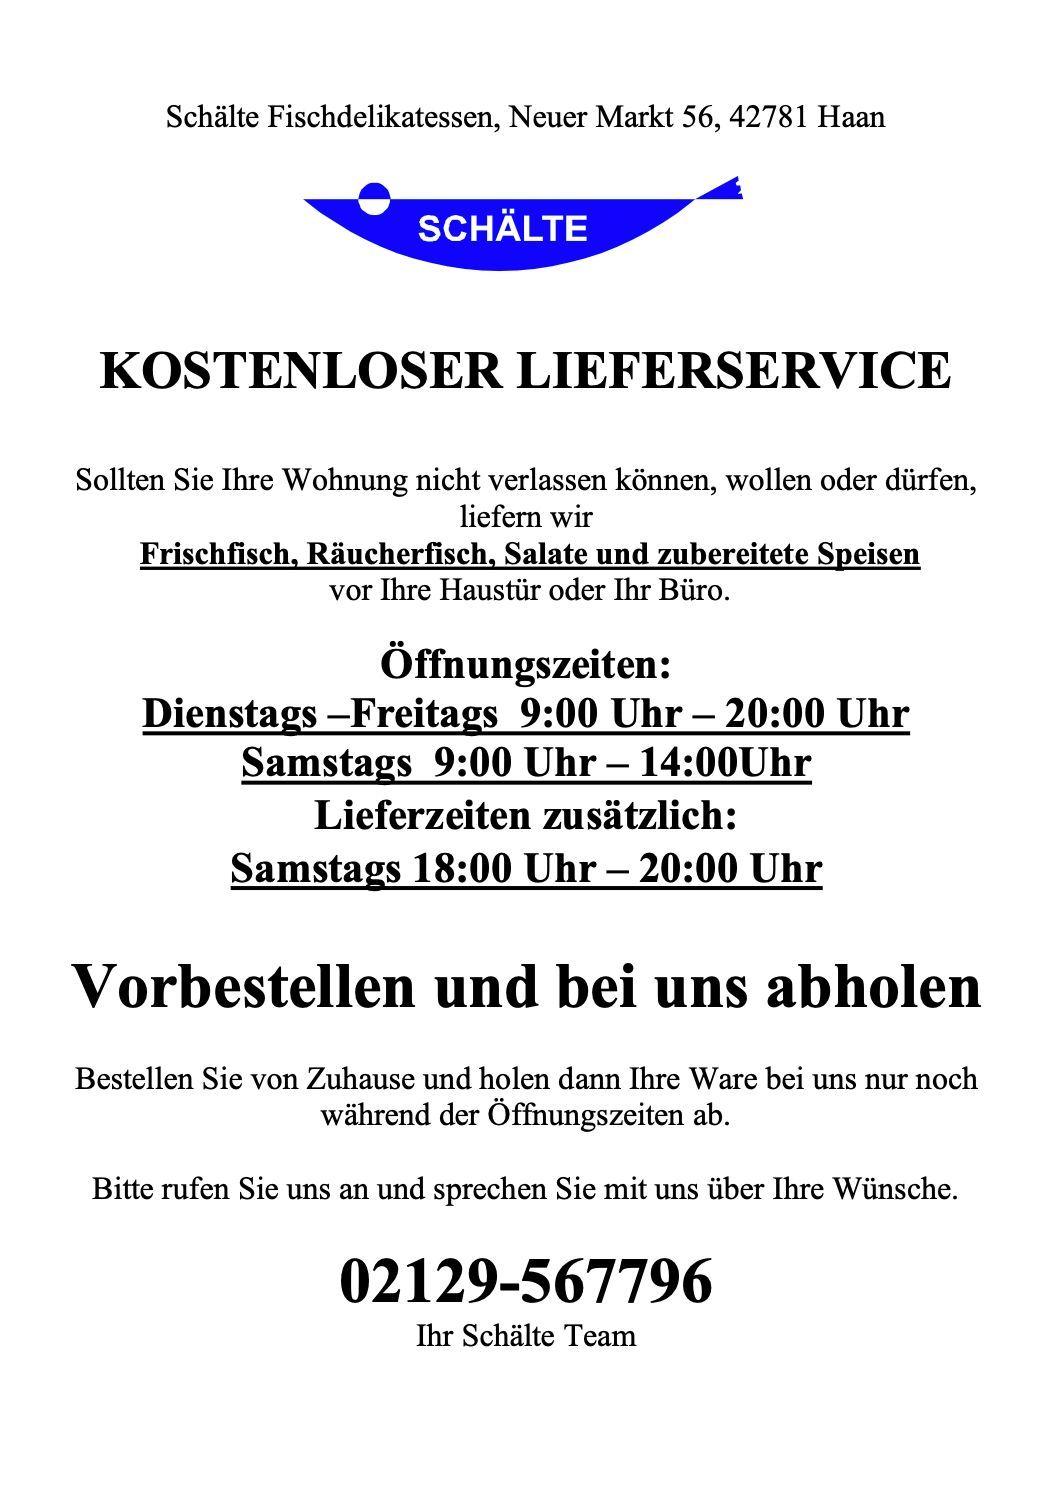 Schältes Fischrestaurant | ISG Solingen-Ohligs e